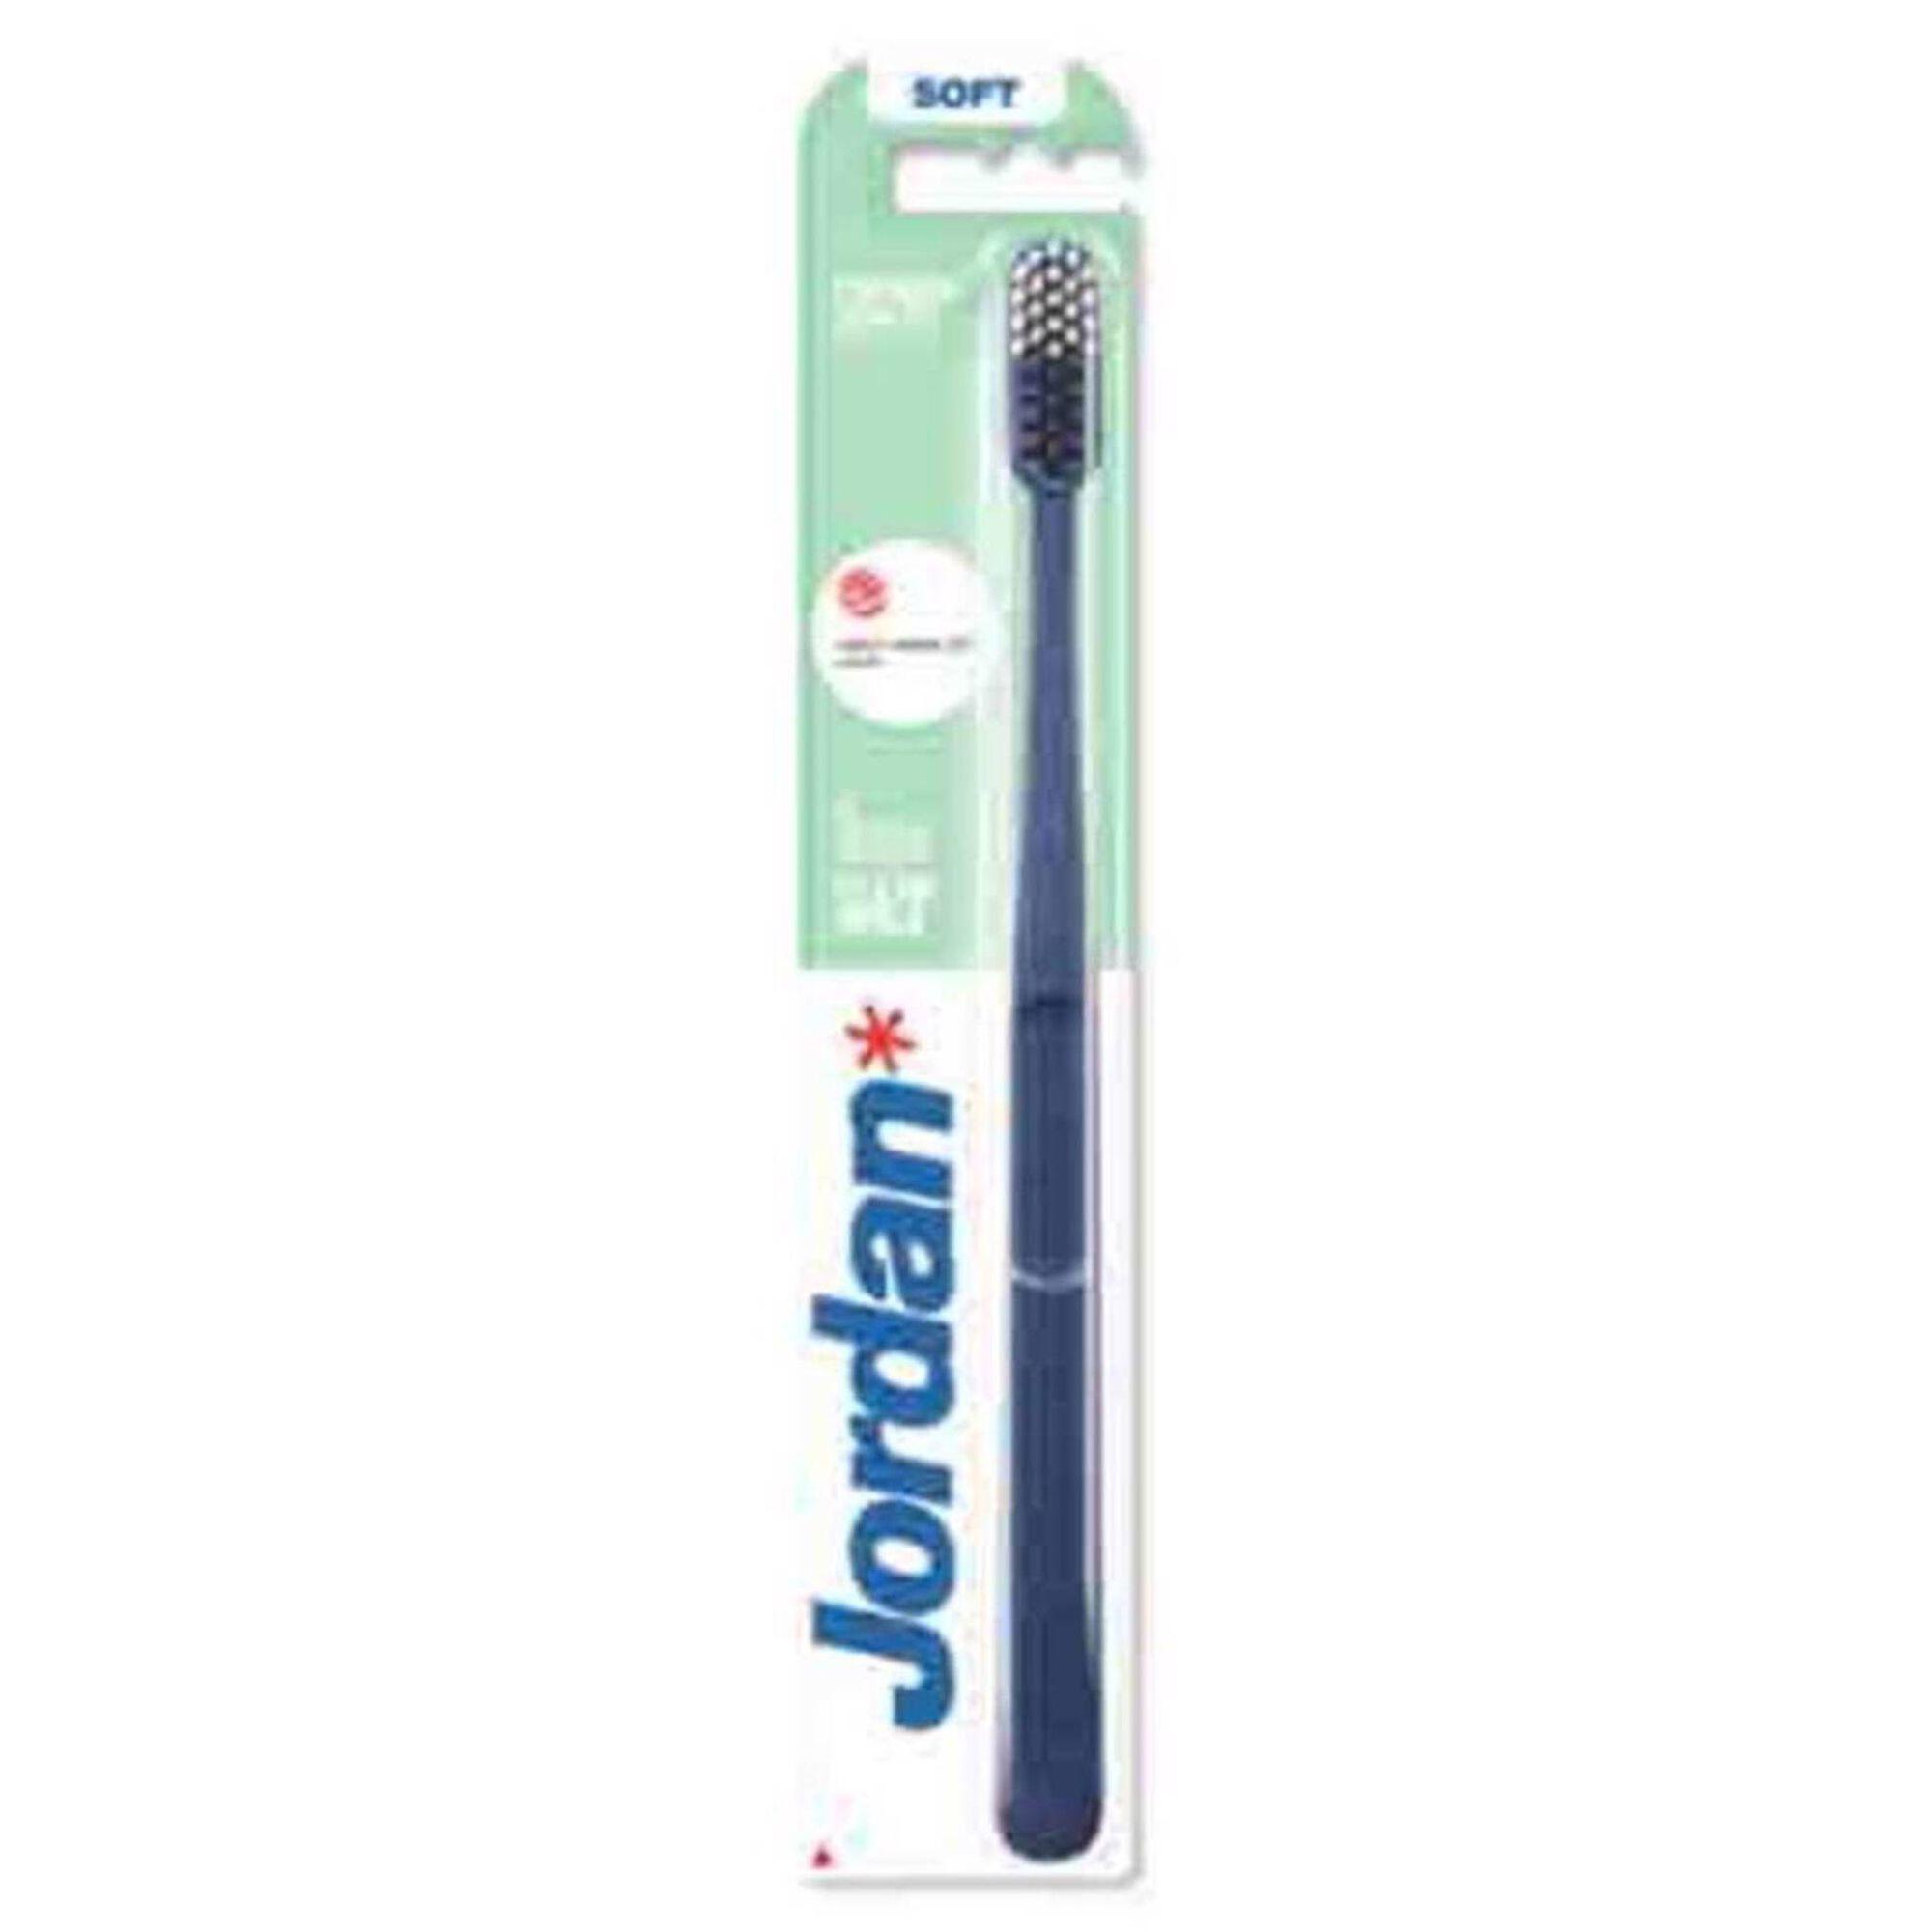 Escova de Dentes Clean Smile Soft